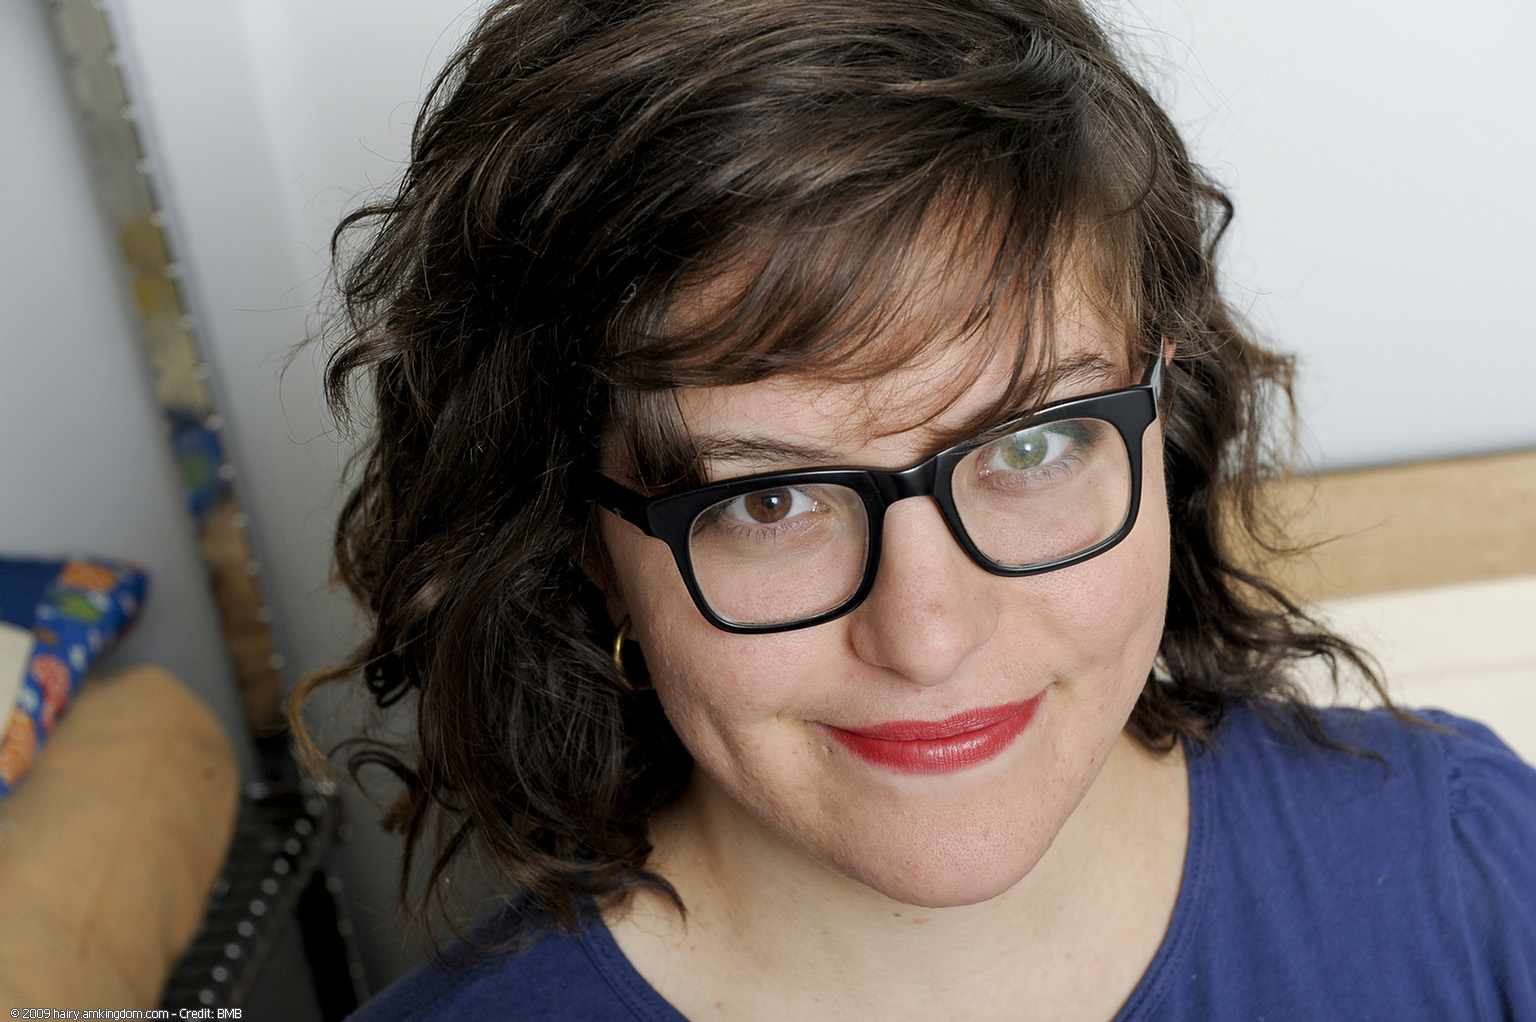 Name naomi hairyerotica.com how she